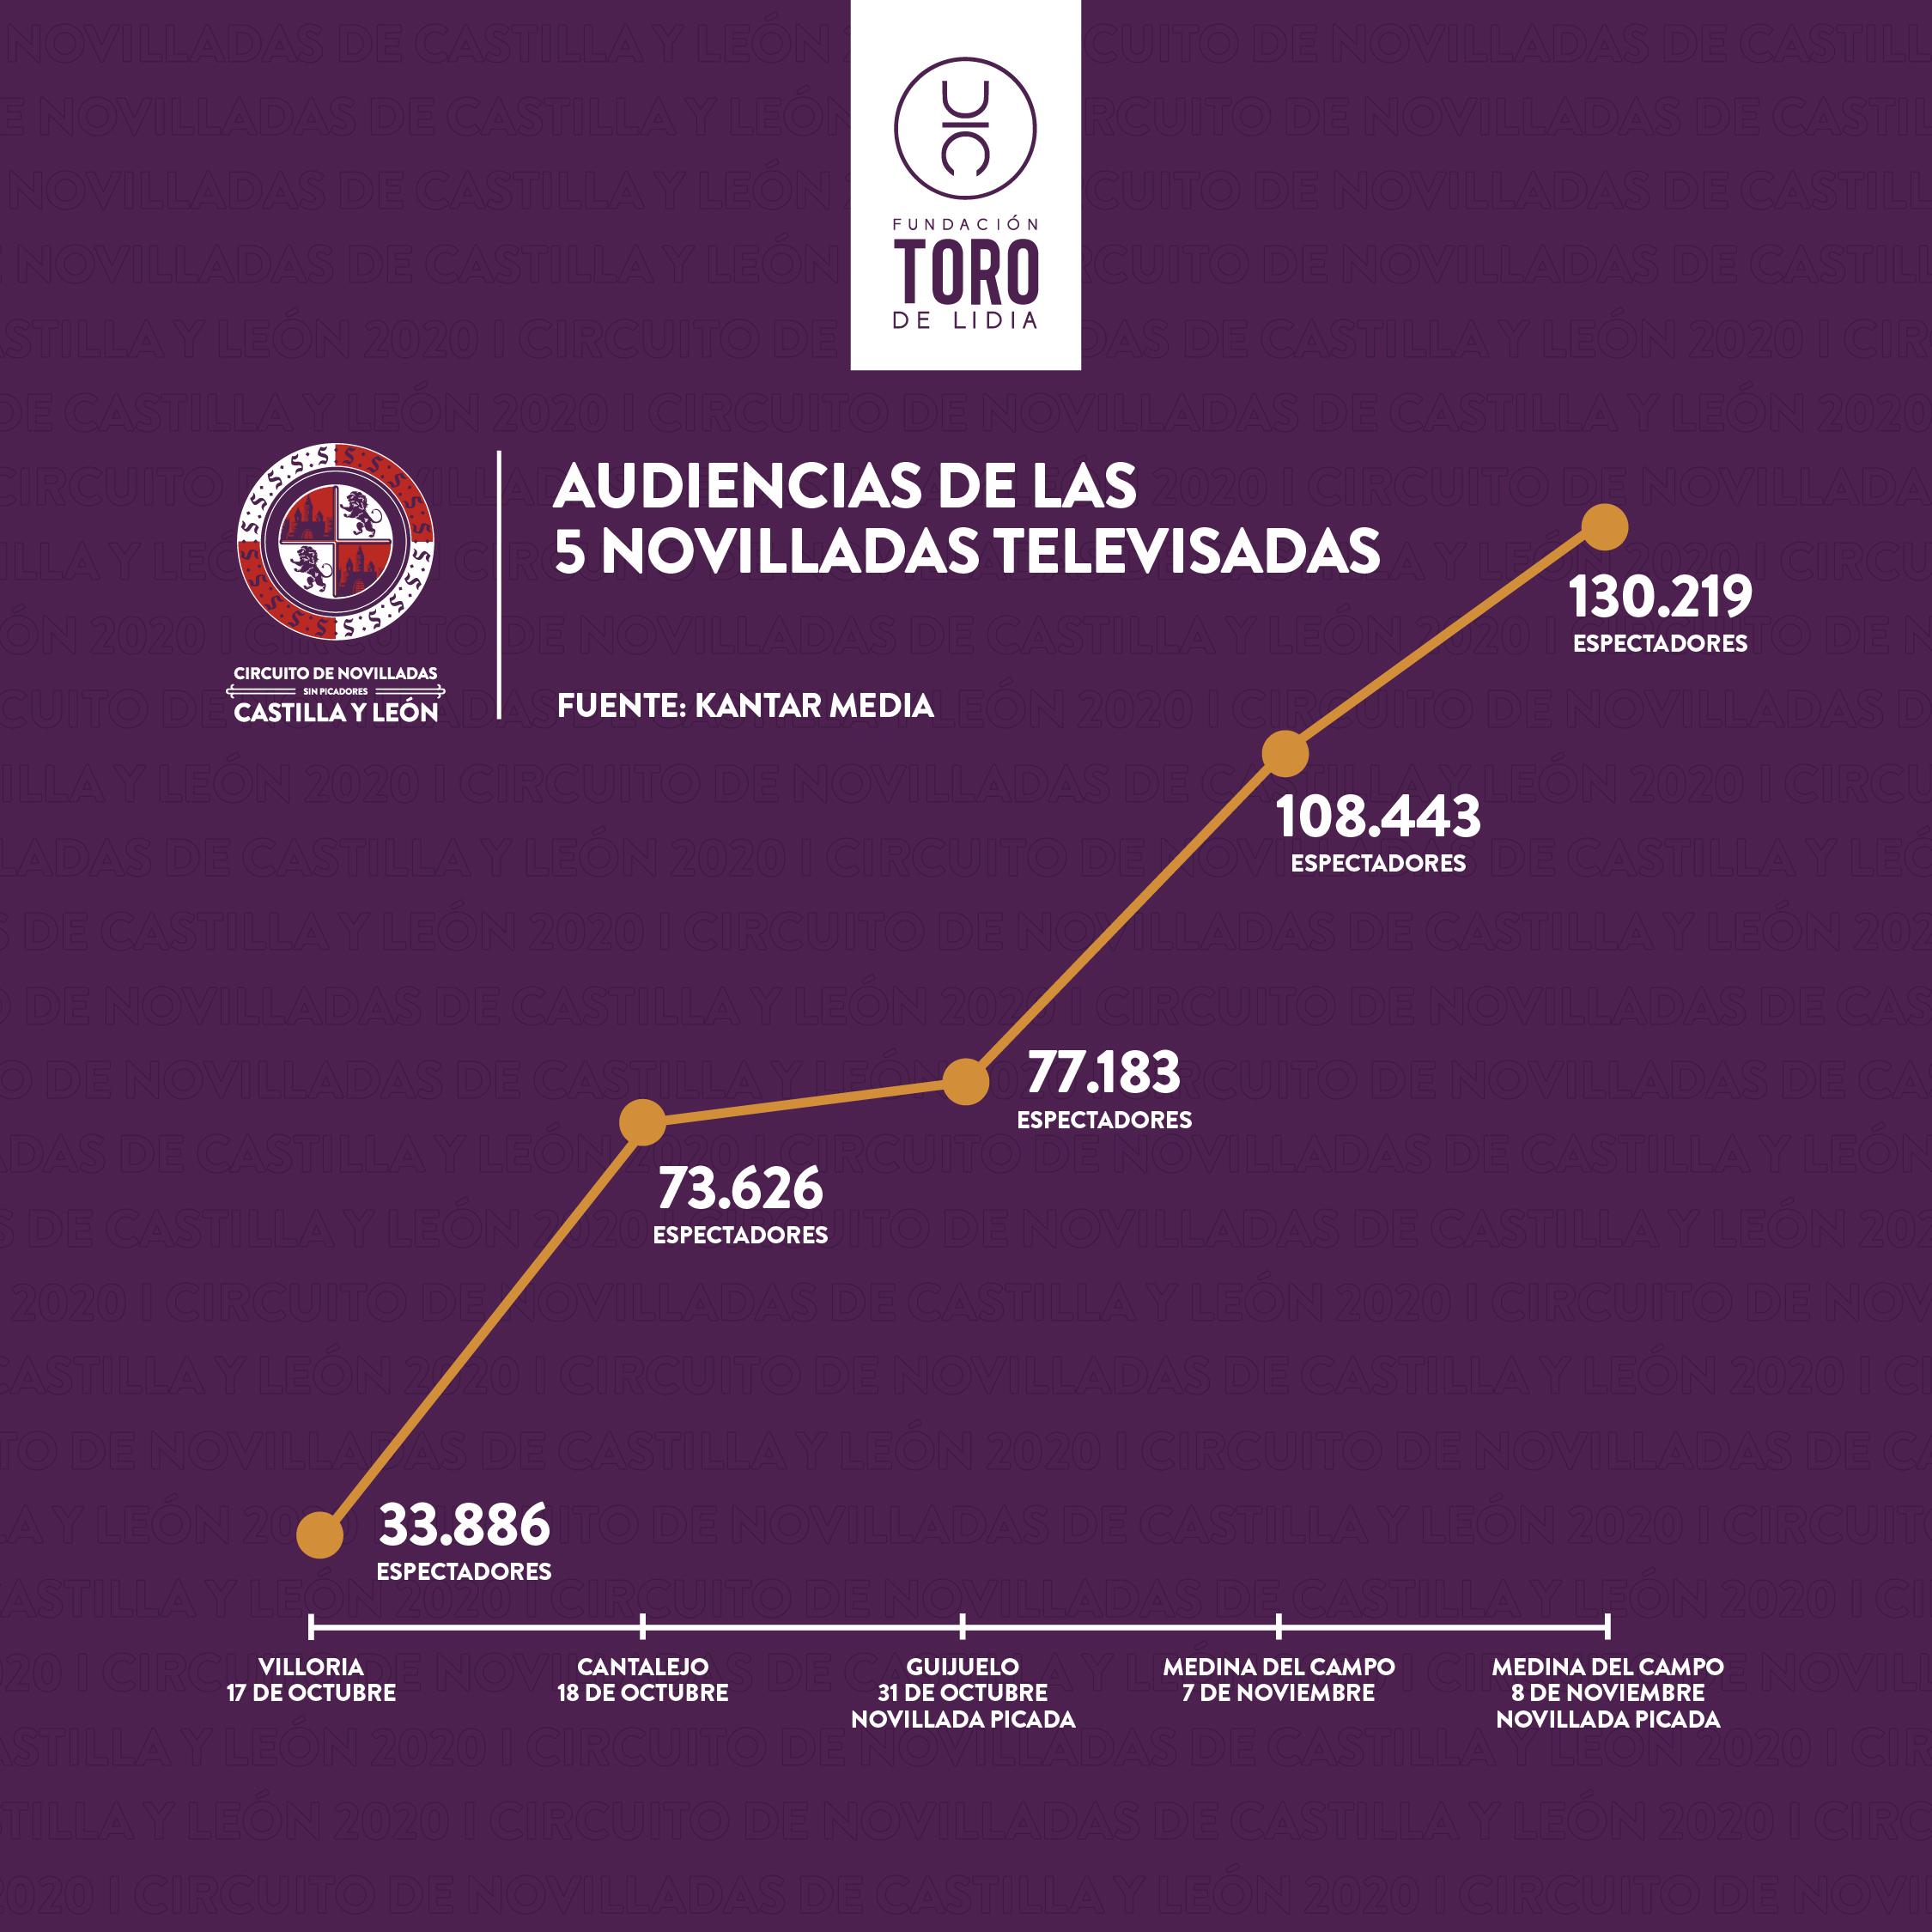 Espectaculares datos de audiencia del Circuito de novilladas de Castilla y León